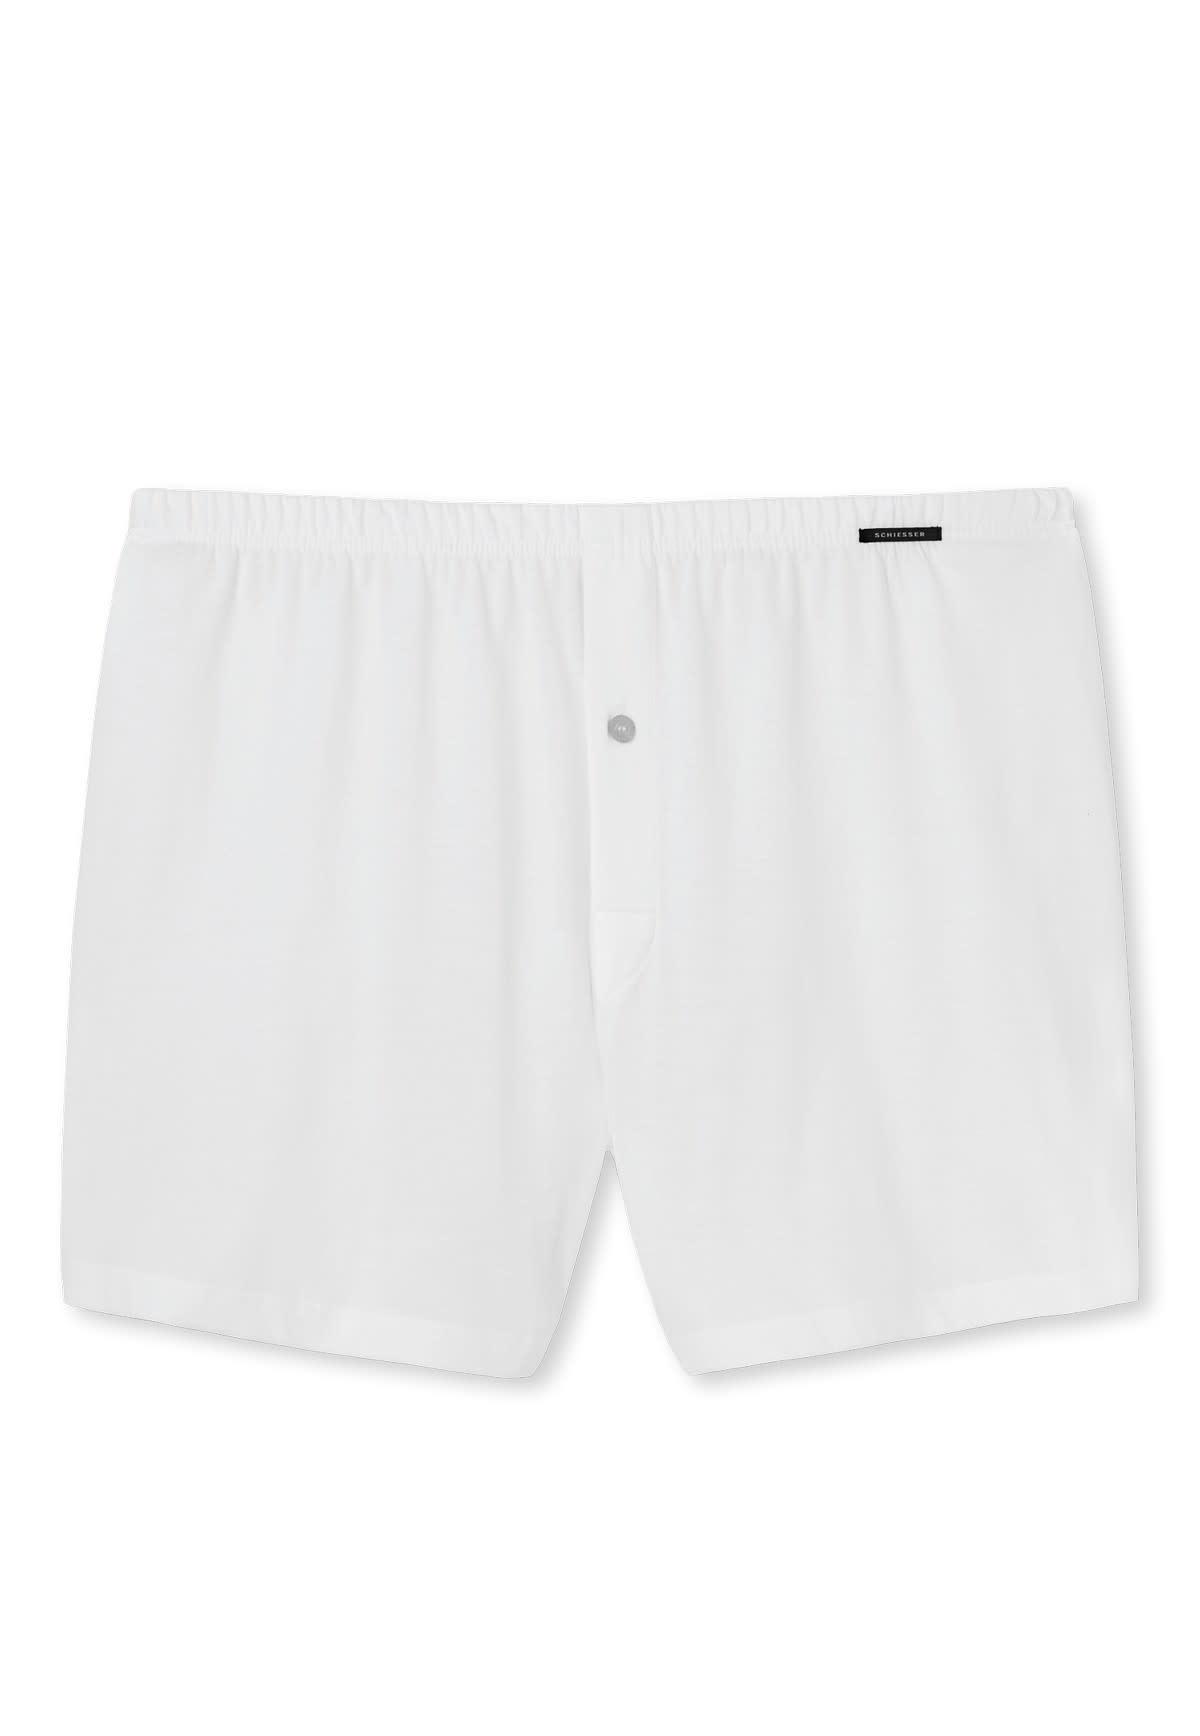 Boxershort wit - 110291-3